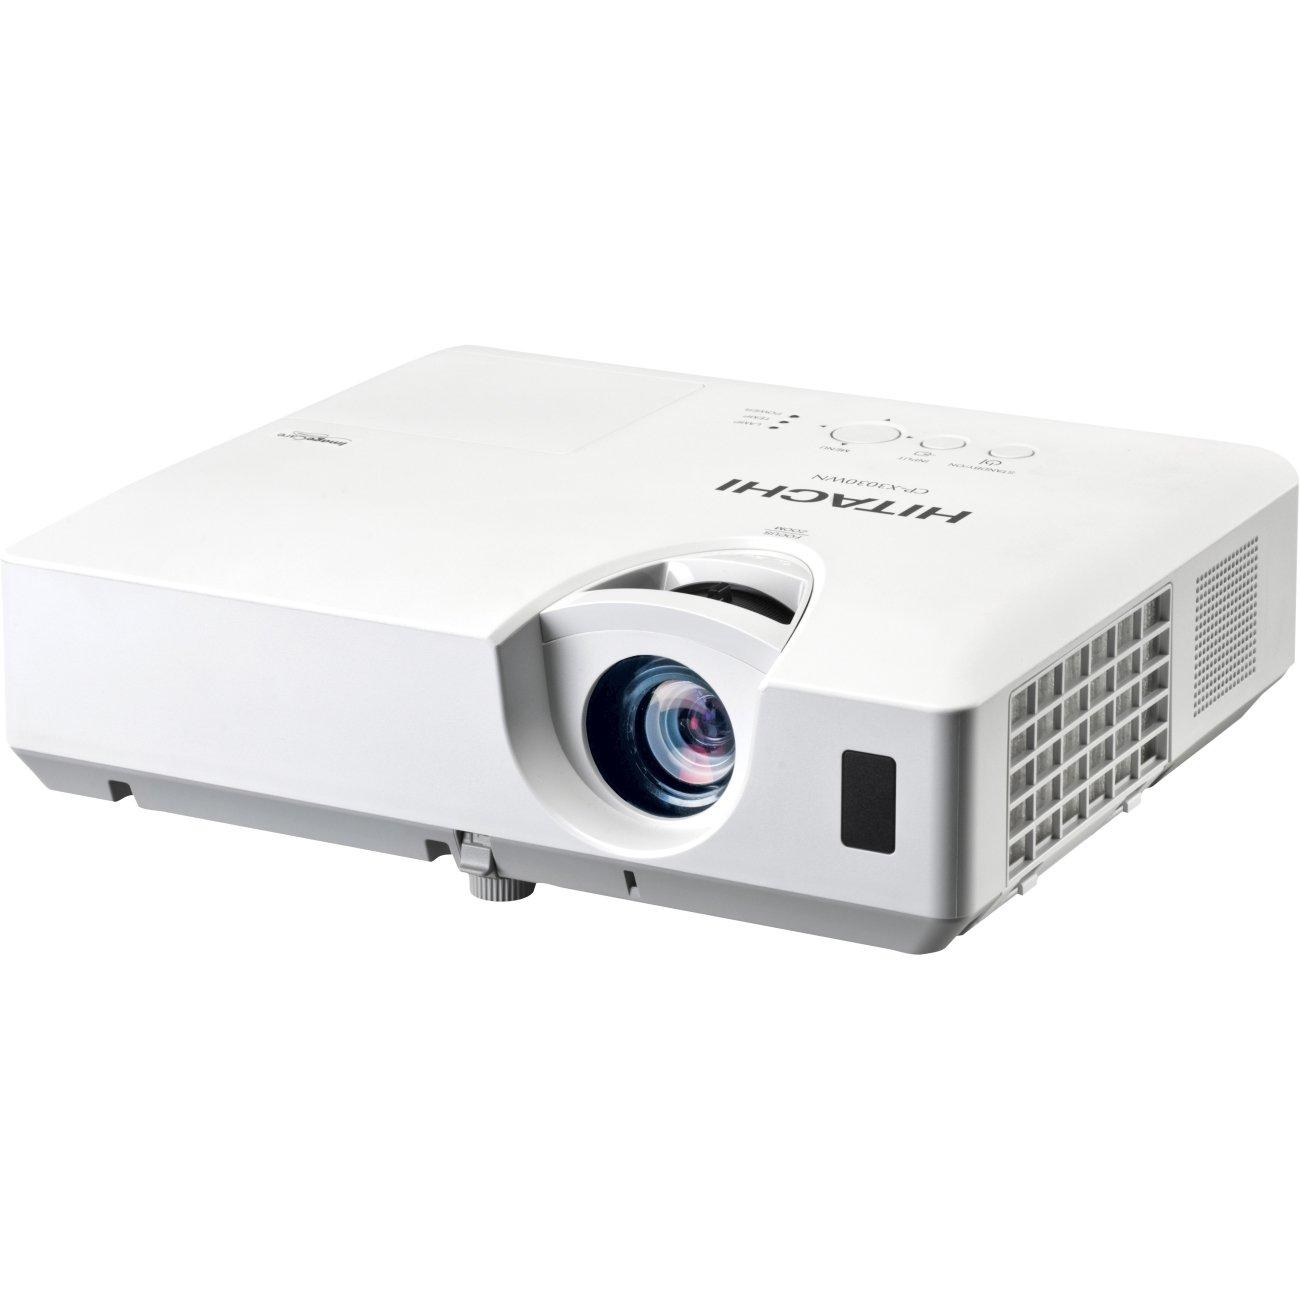 Hitachi CP-X4042WN LCD Projector - 720p - HDTV - 4:3